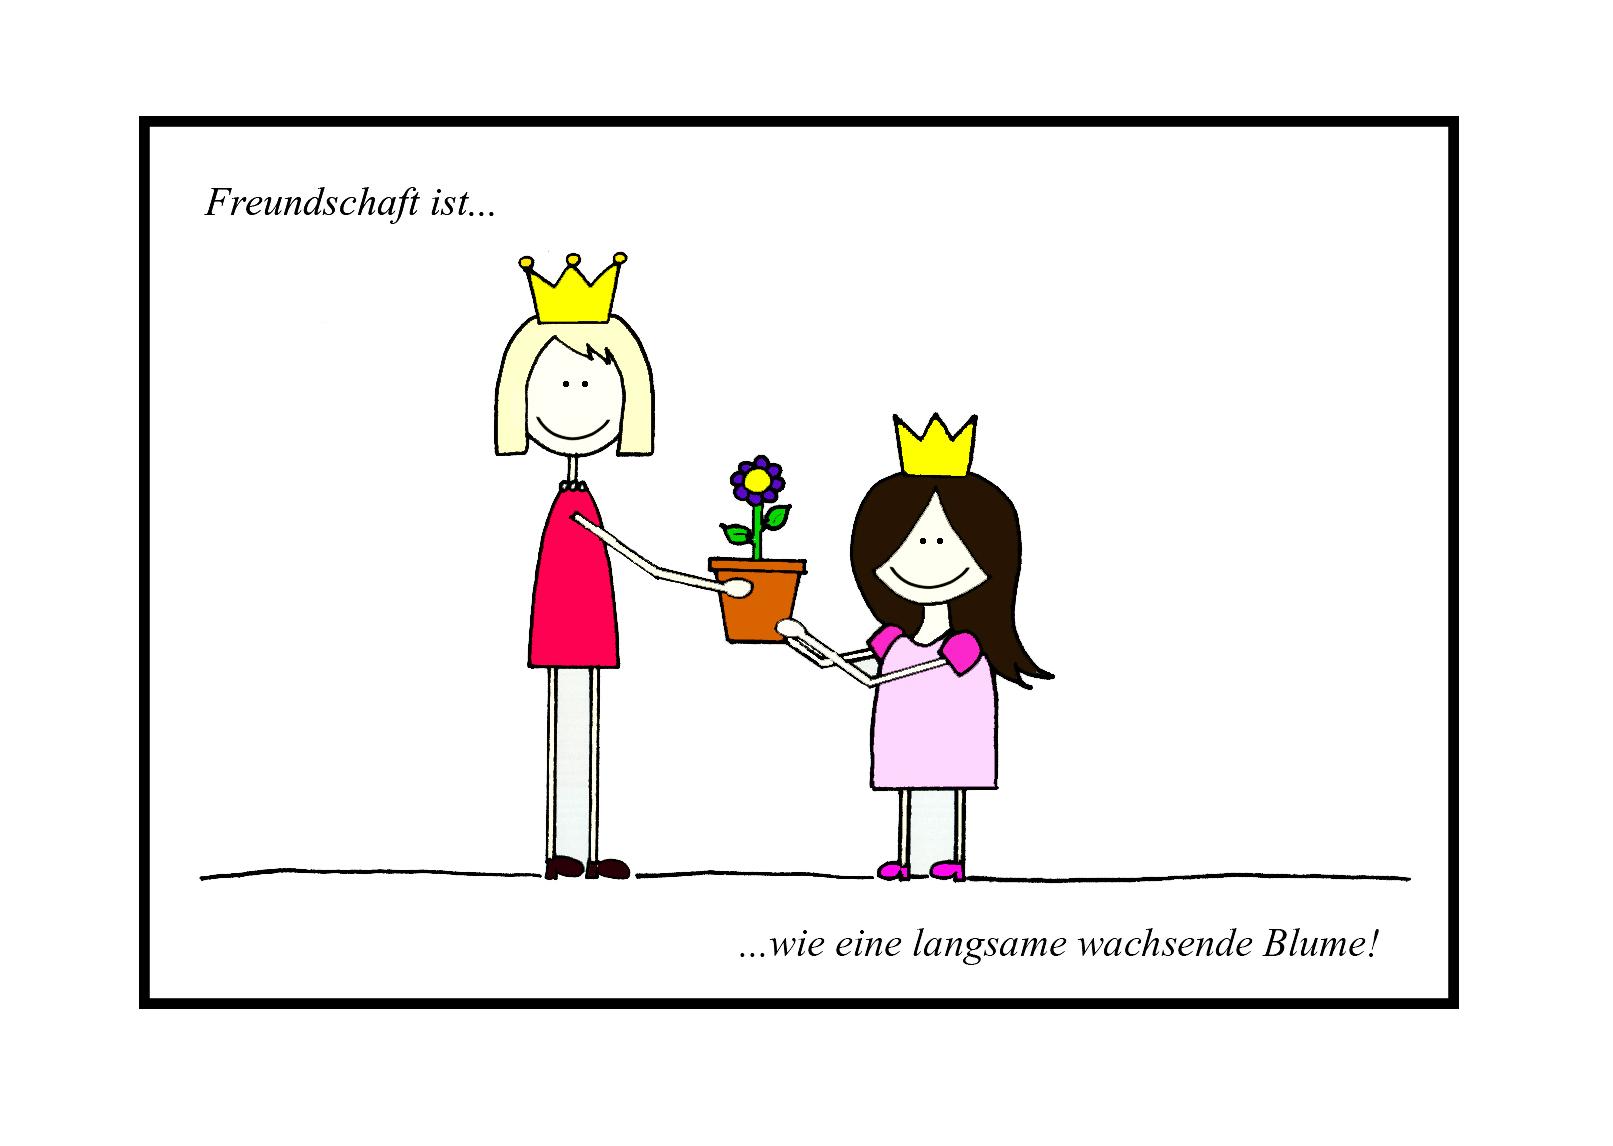 blumen als geschenk, freundscahft, mädchen, prinzessinnen, idee, freunschaft ist wie eine langsam wachsende blume, pink, krone